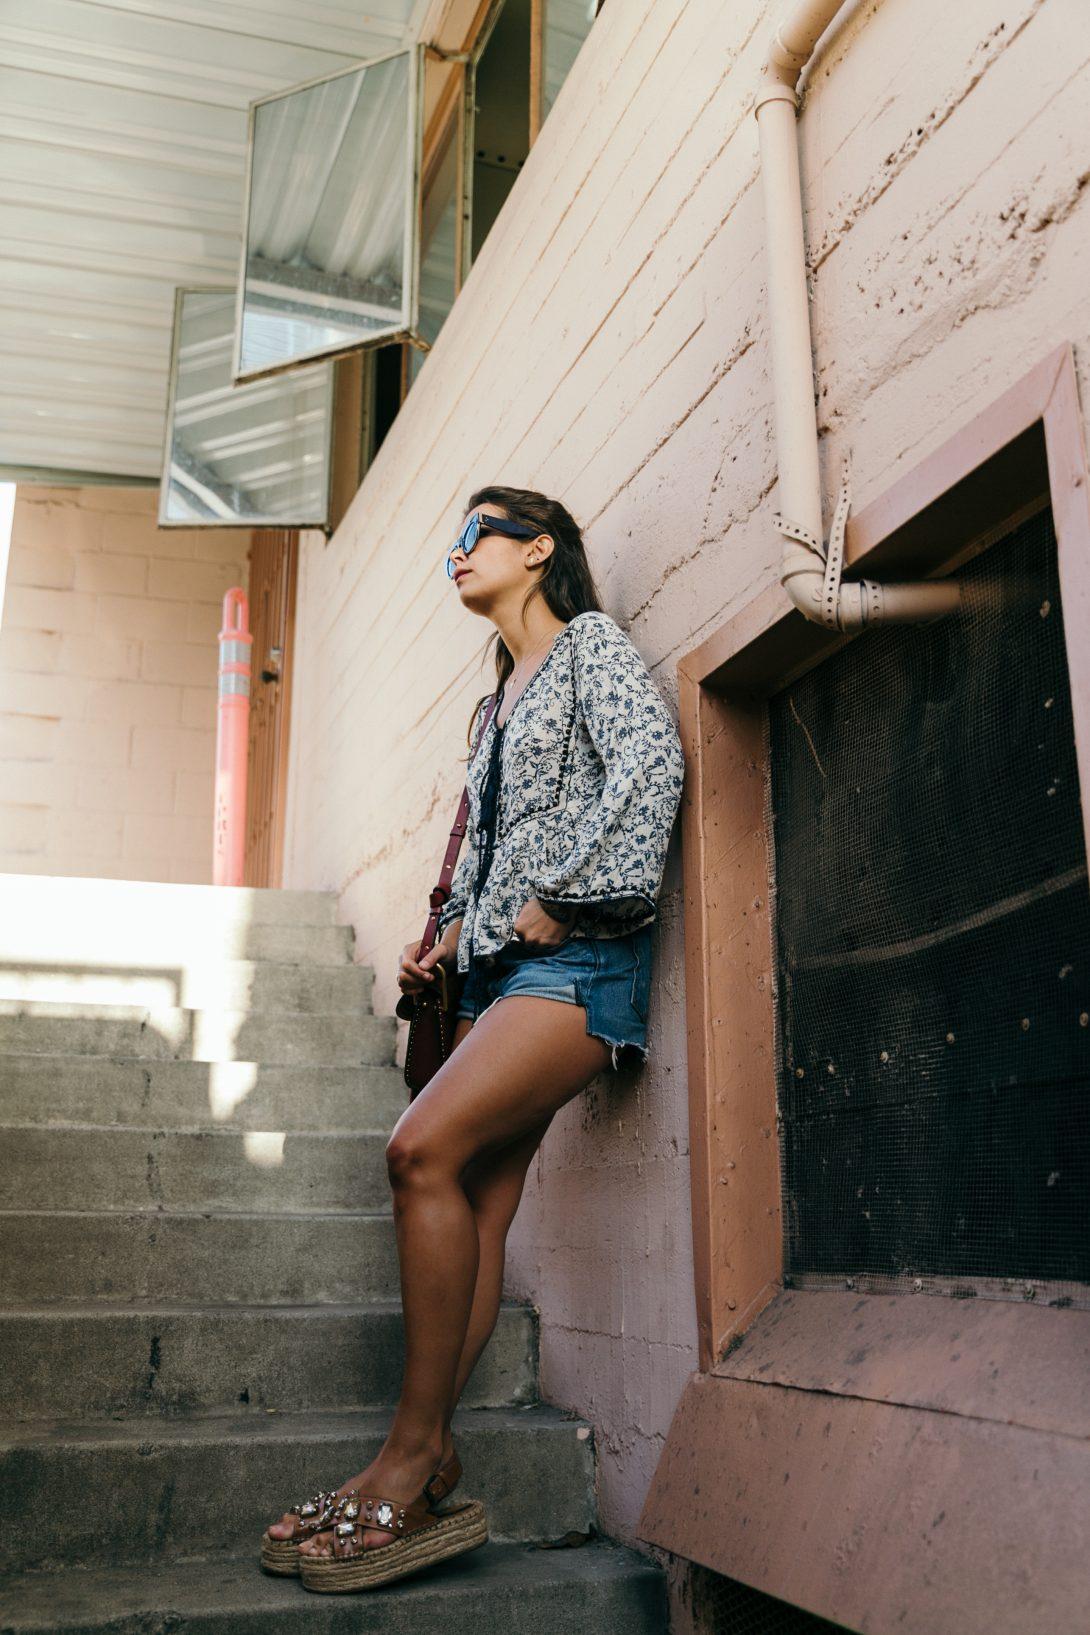 Boho_Top-GRFRND_Jeans-Chloe_Hudson_Bag-Espadrilles-Los_Angeles-Outfit-Collage_Vintage--9